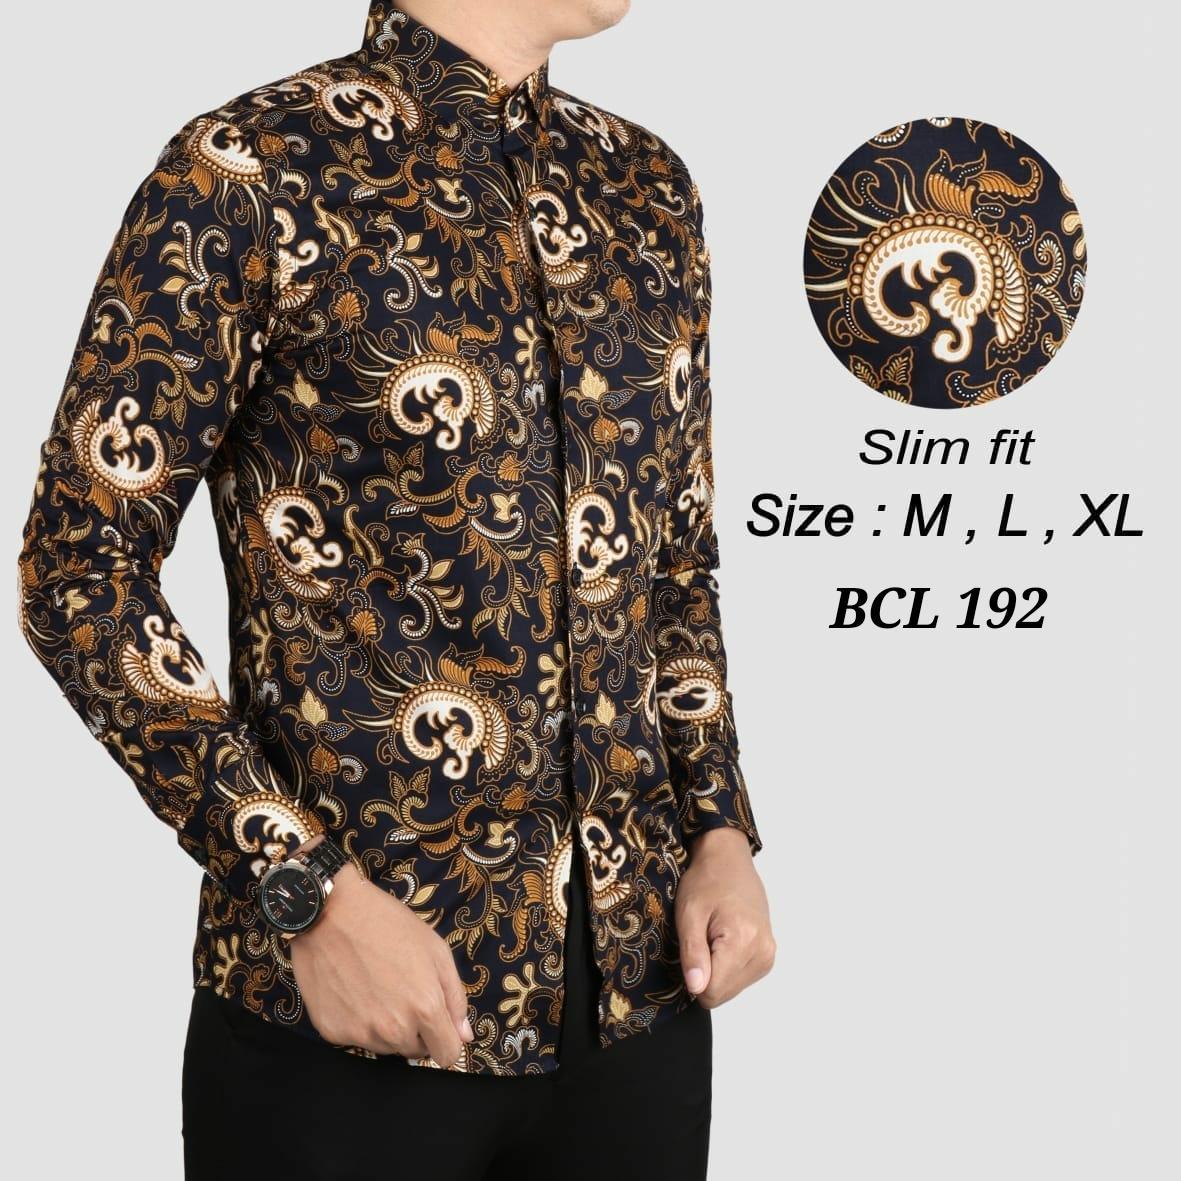 Baju Kemeja Batik Slimfit Pria / Model Batik Terbaru / Atasan Batik Pria / Hem Batik